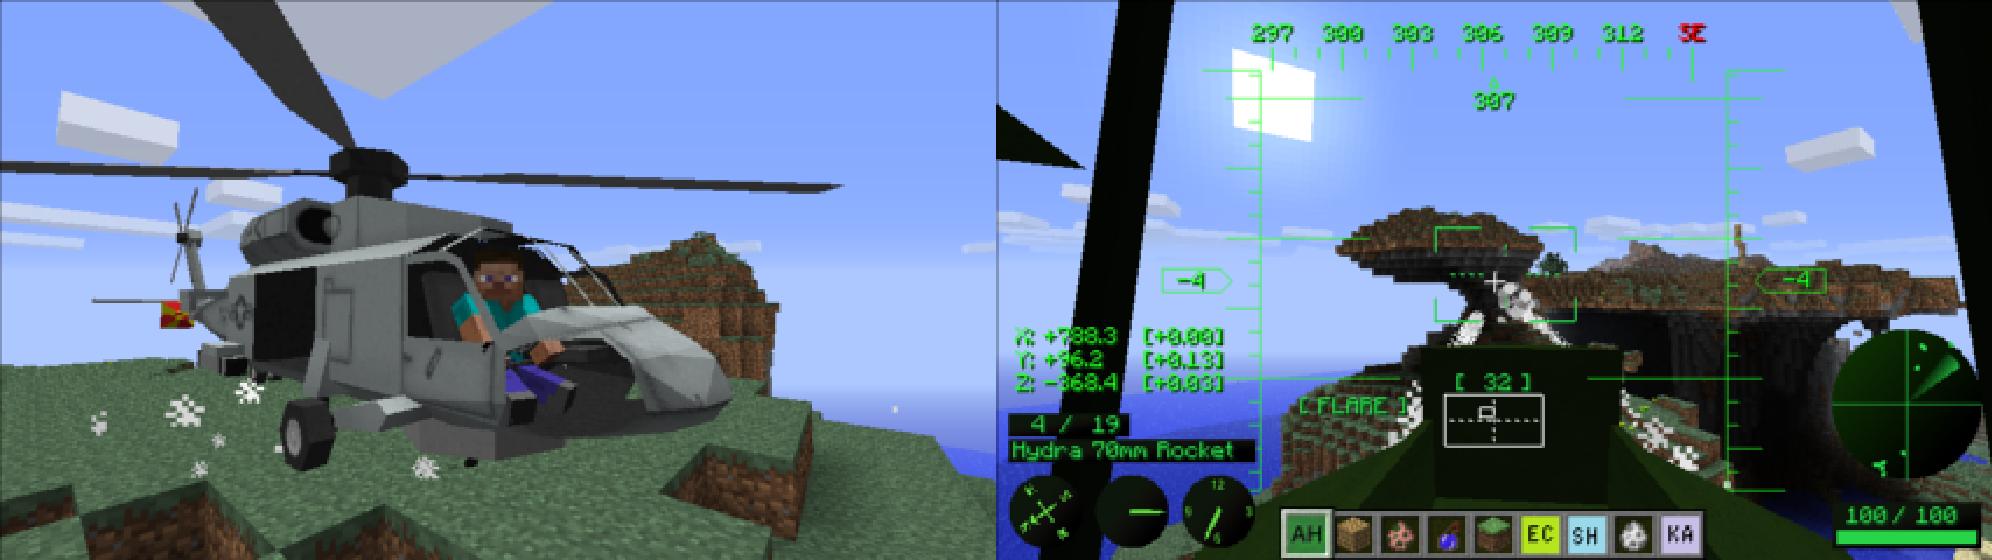 我的世界直升机mod|我的世界1.7